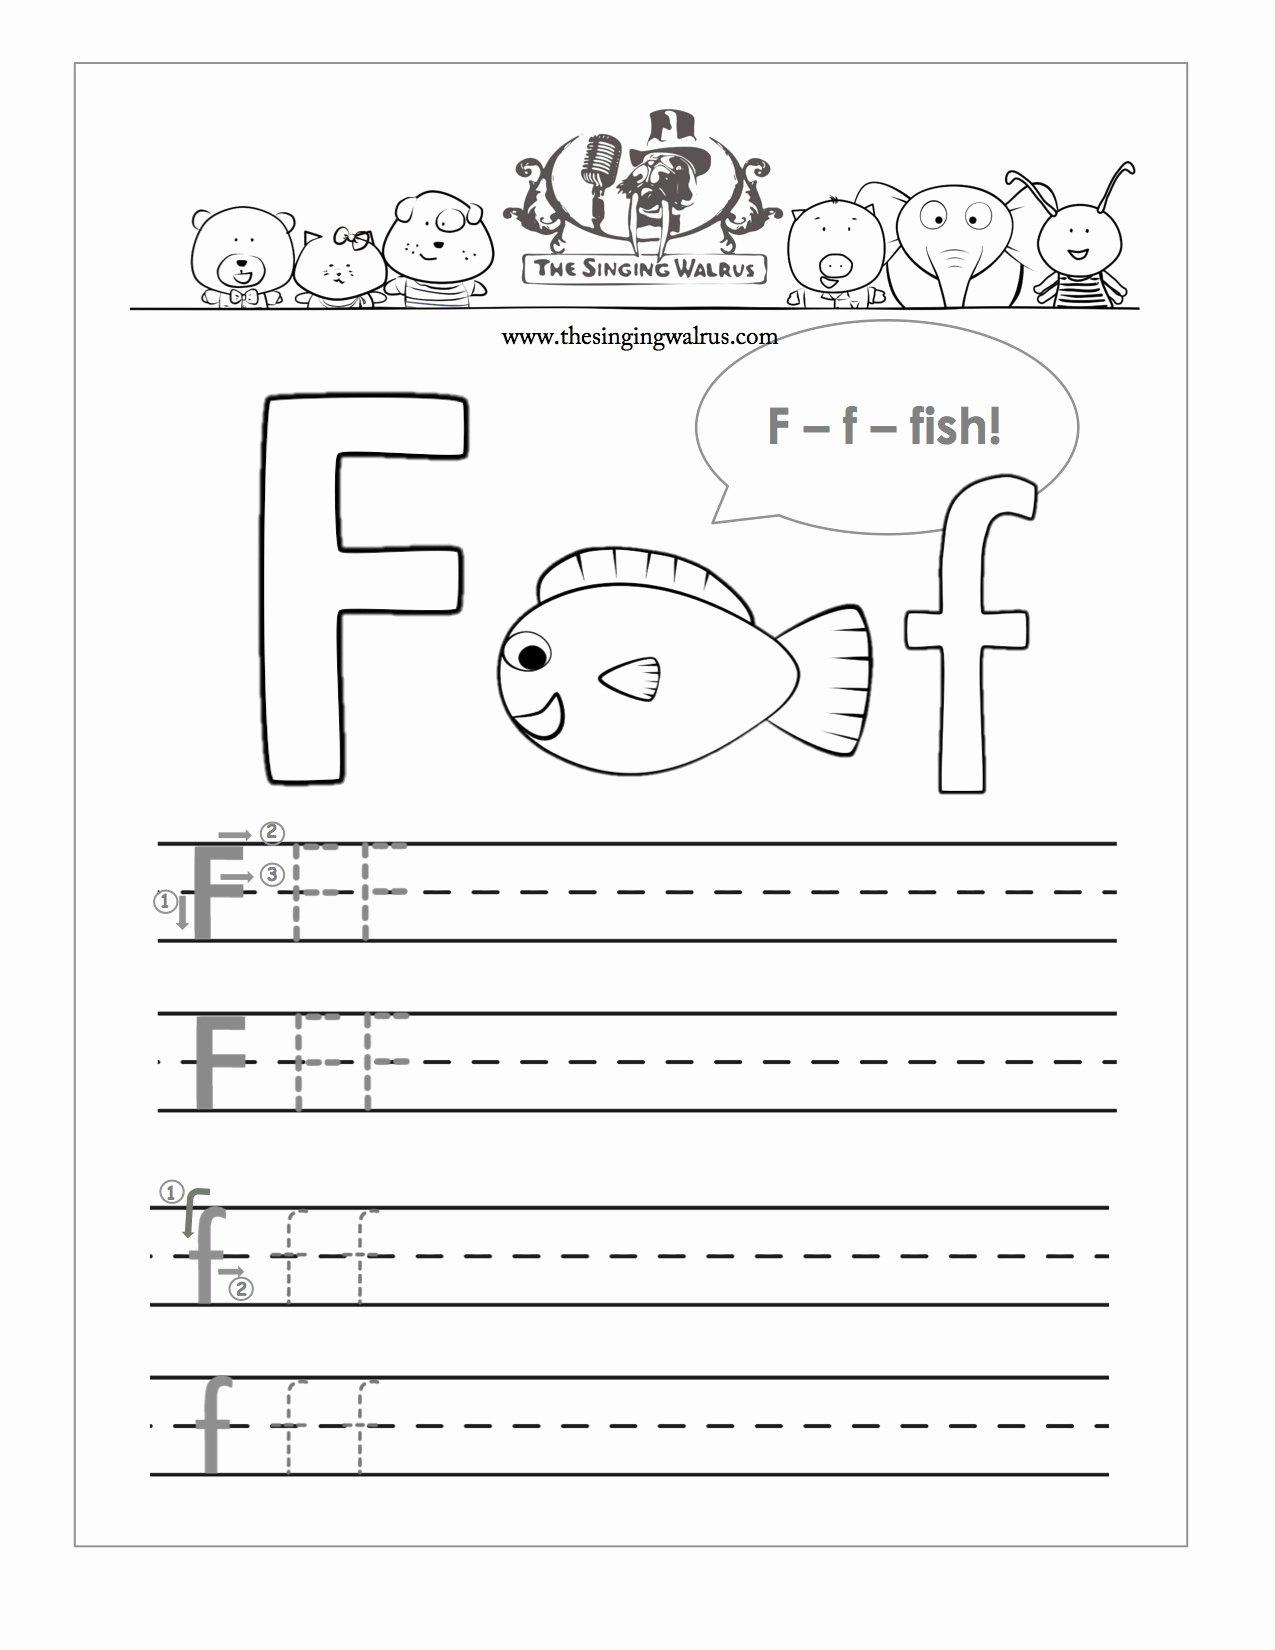 Practice Letter Worksheets for Preschoolers New Math Worksheet Tremendous Practice Letter Writing Sheets